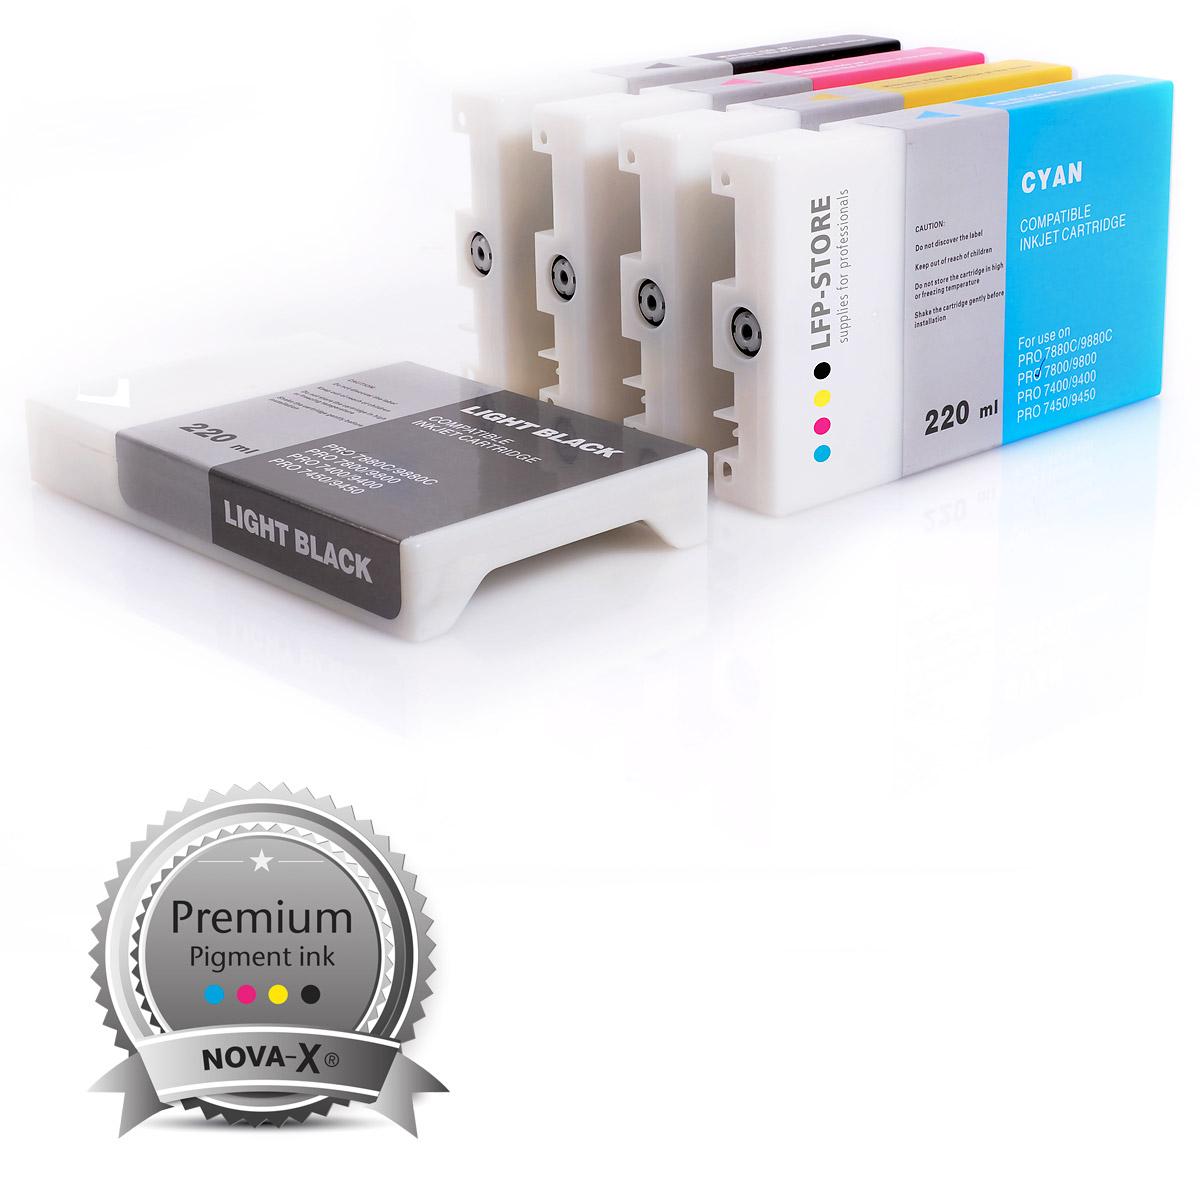 Tintenpatrone 220ml NOVA-X® K3V kompatibel für Epson® Stylus Pro 7880 | 9880